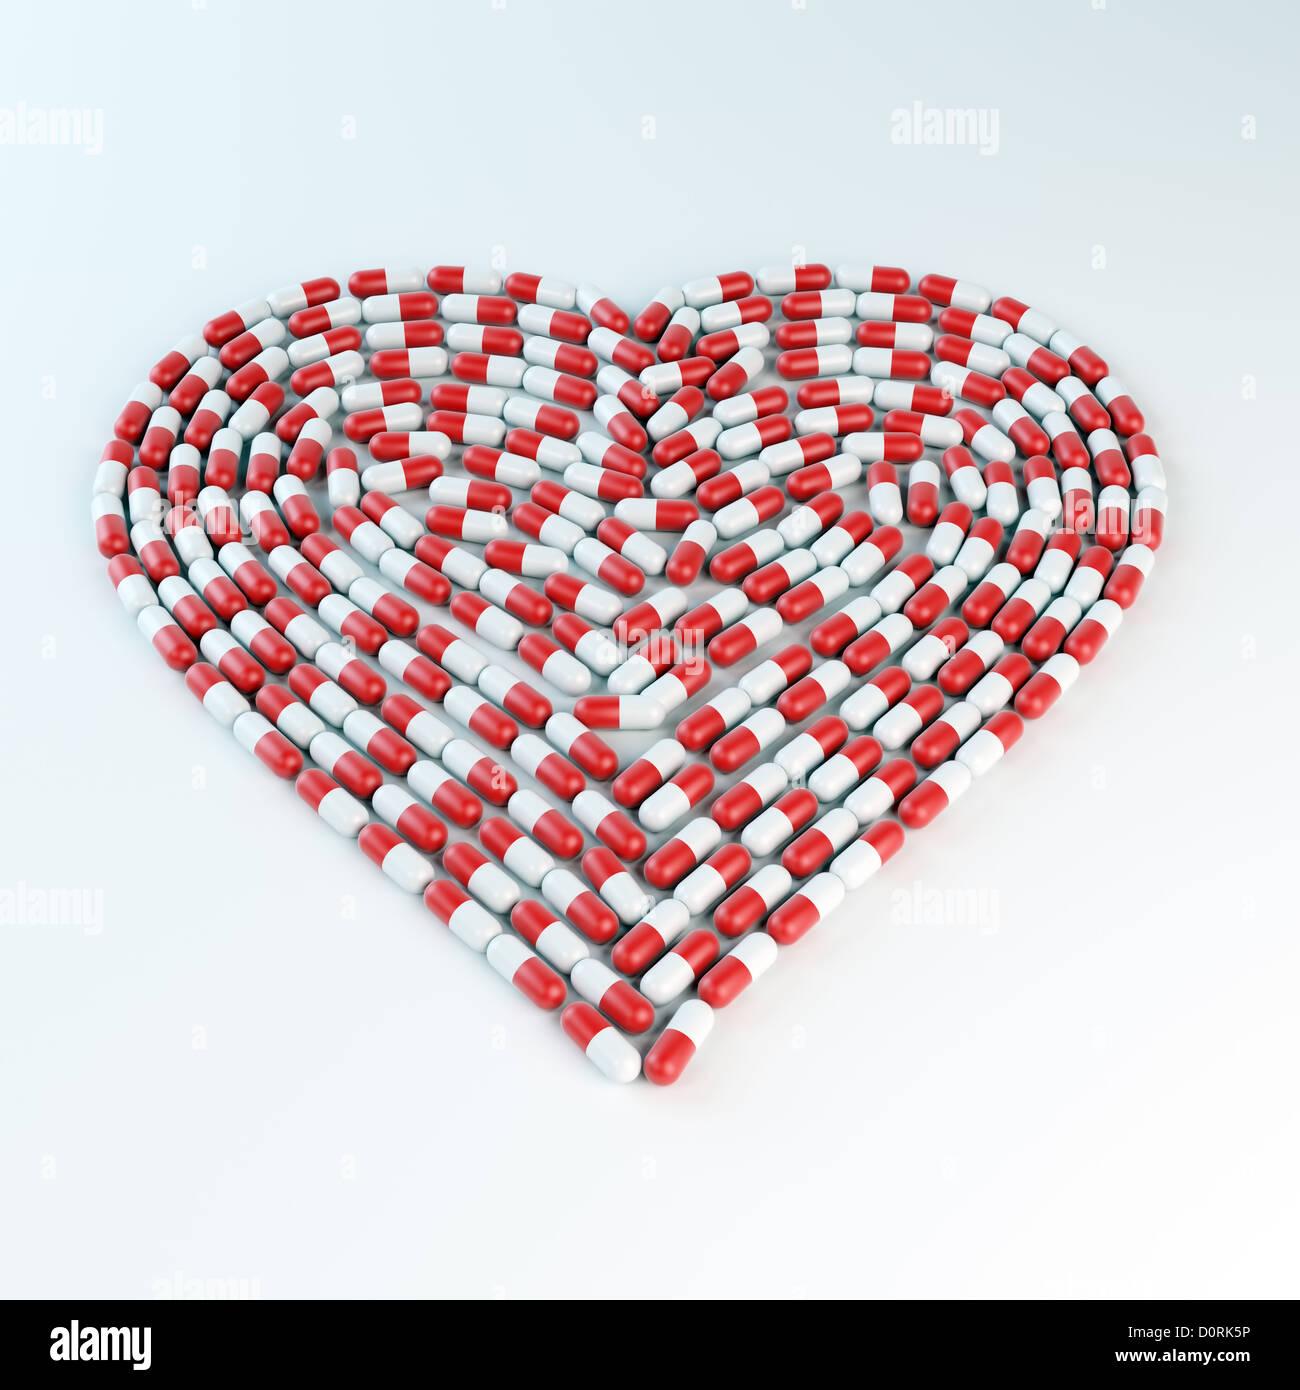 Rote und weiße Kapseln bilden ein Herz shap Stockfoto